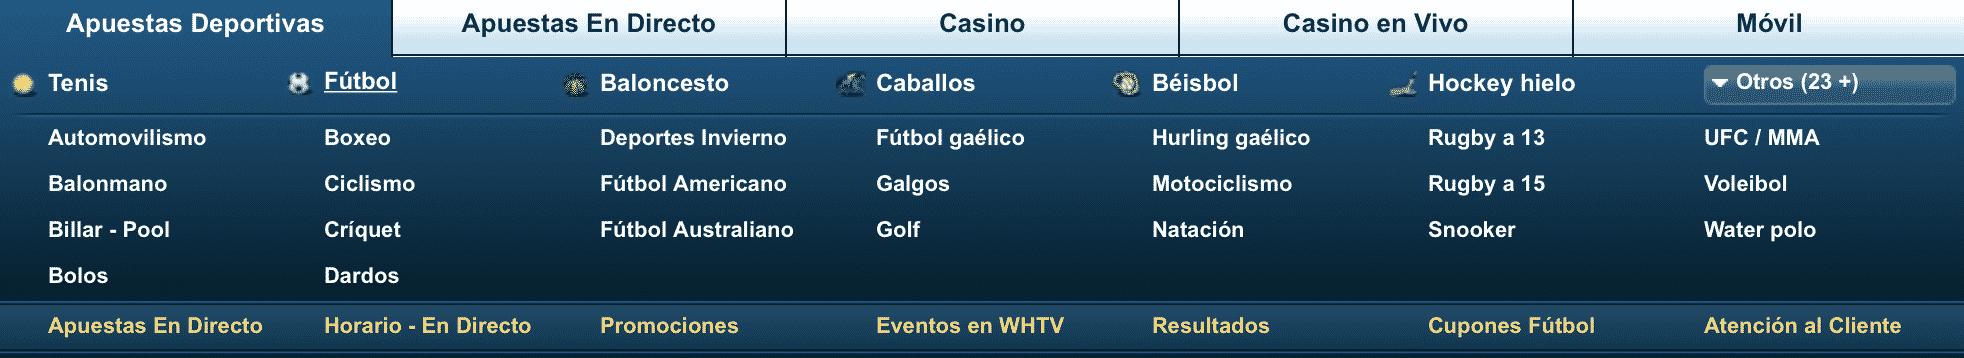 Williamhill es casino online Curitiba opiniones-596515